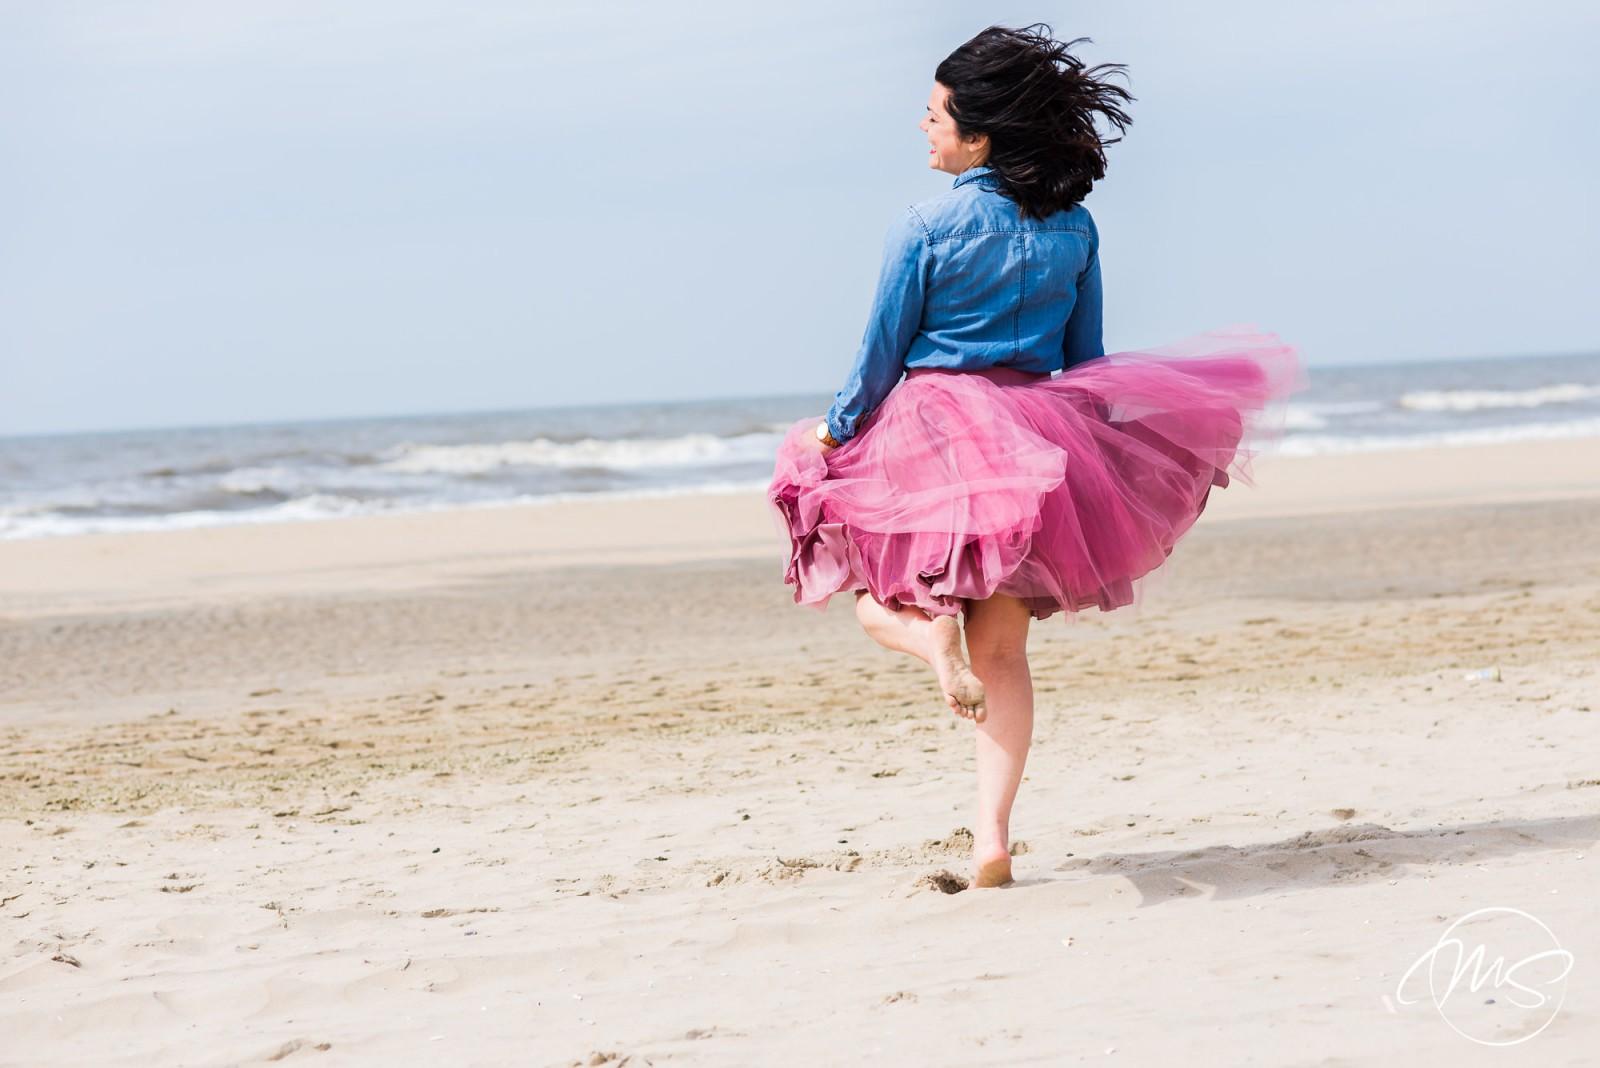 Terugschakelen & doorgroeien op jouw tempo